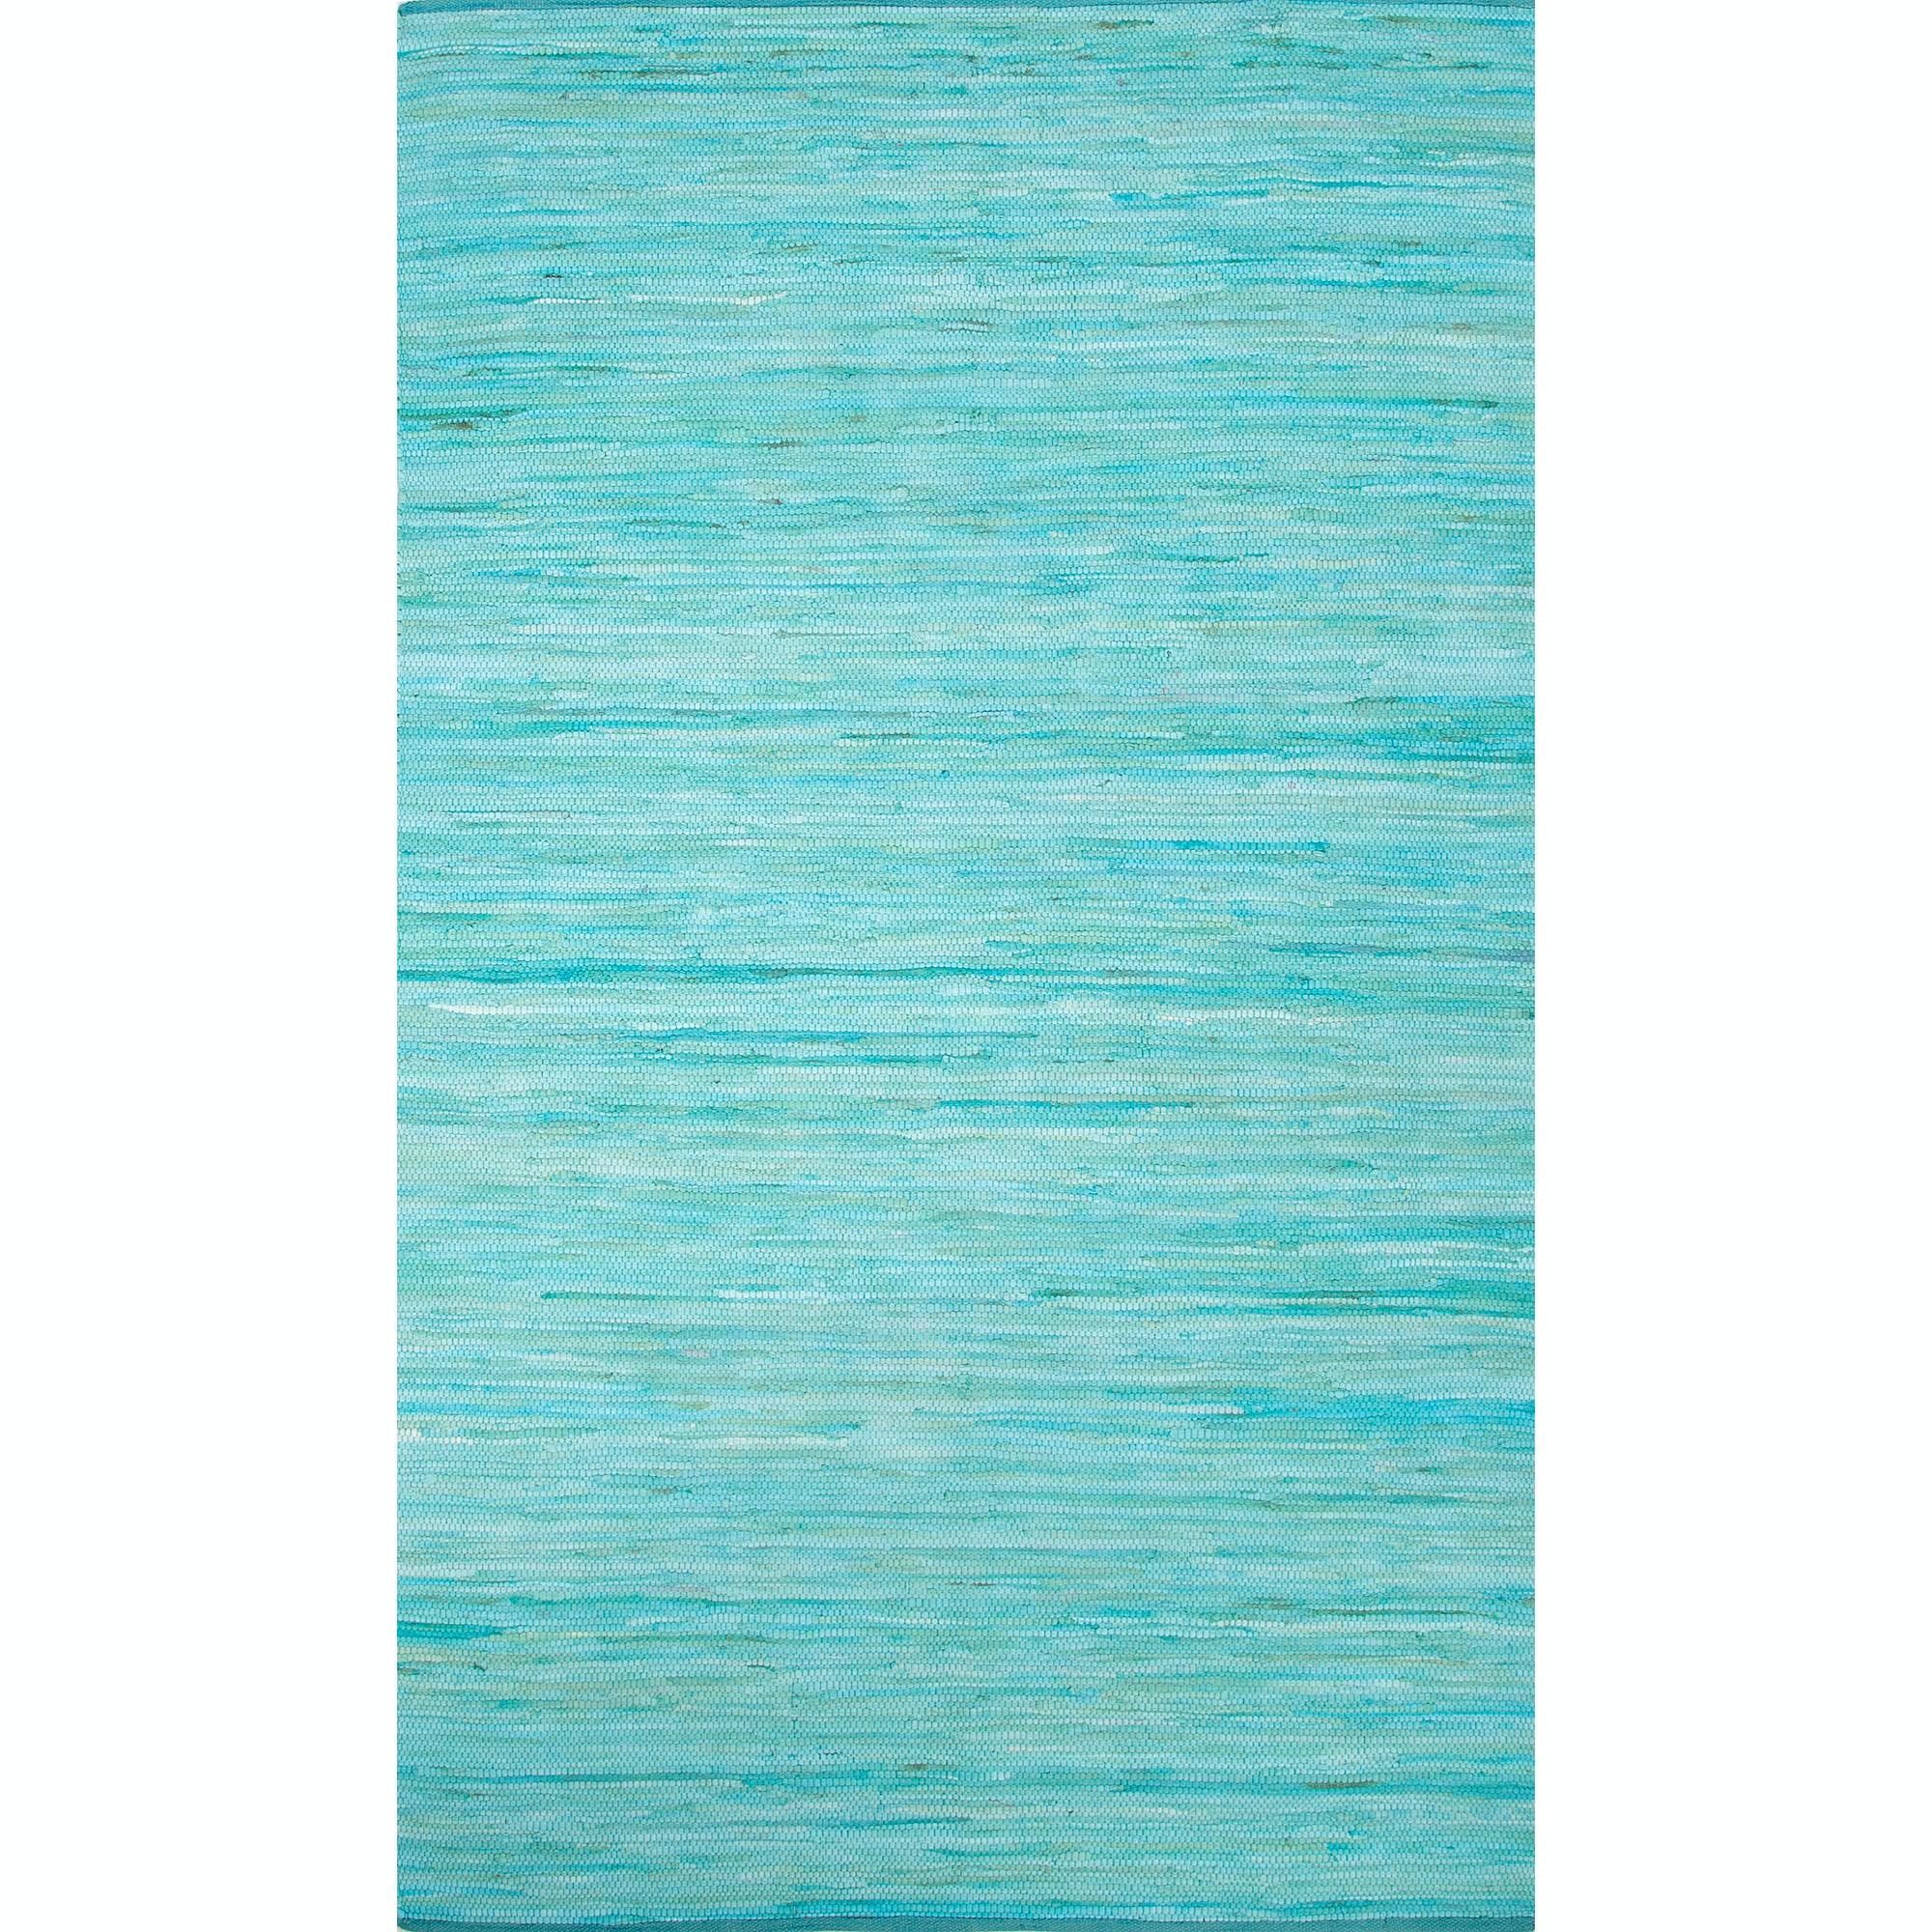 Jaipur Rugs Floor Coverings Jaipur Solids/ Handloom Solid Pattern Blue/Bleue Cotton Area Rug ...